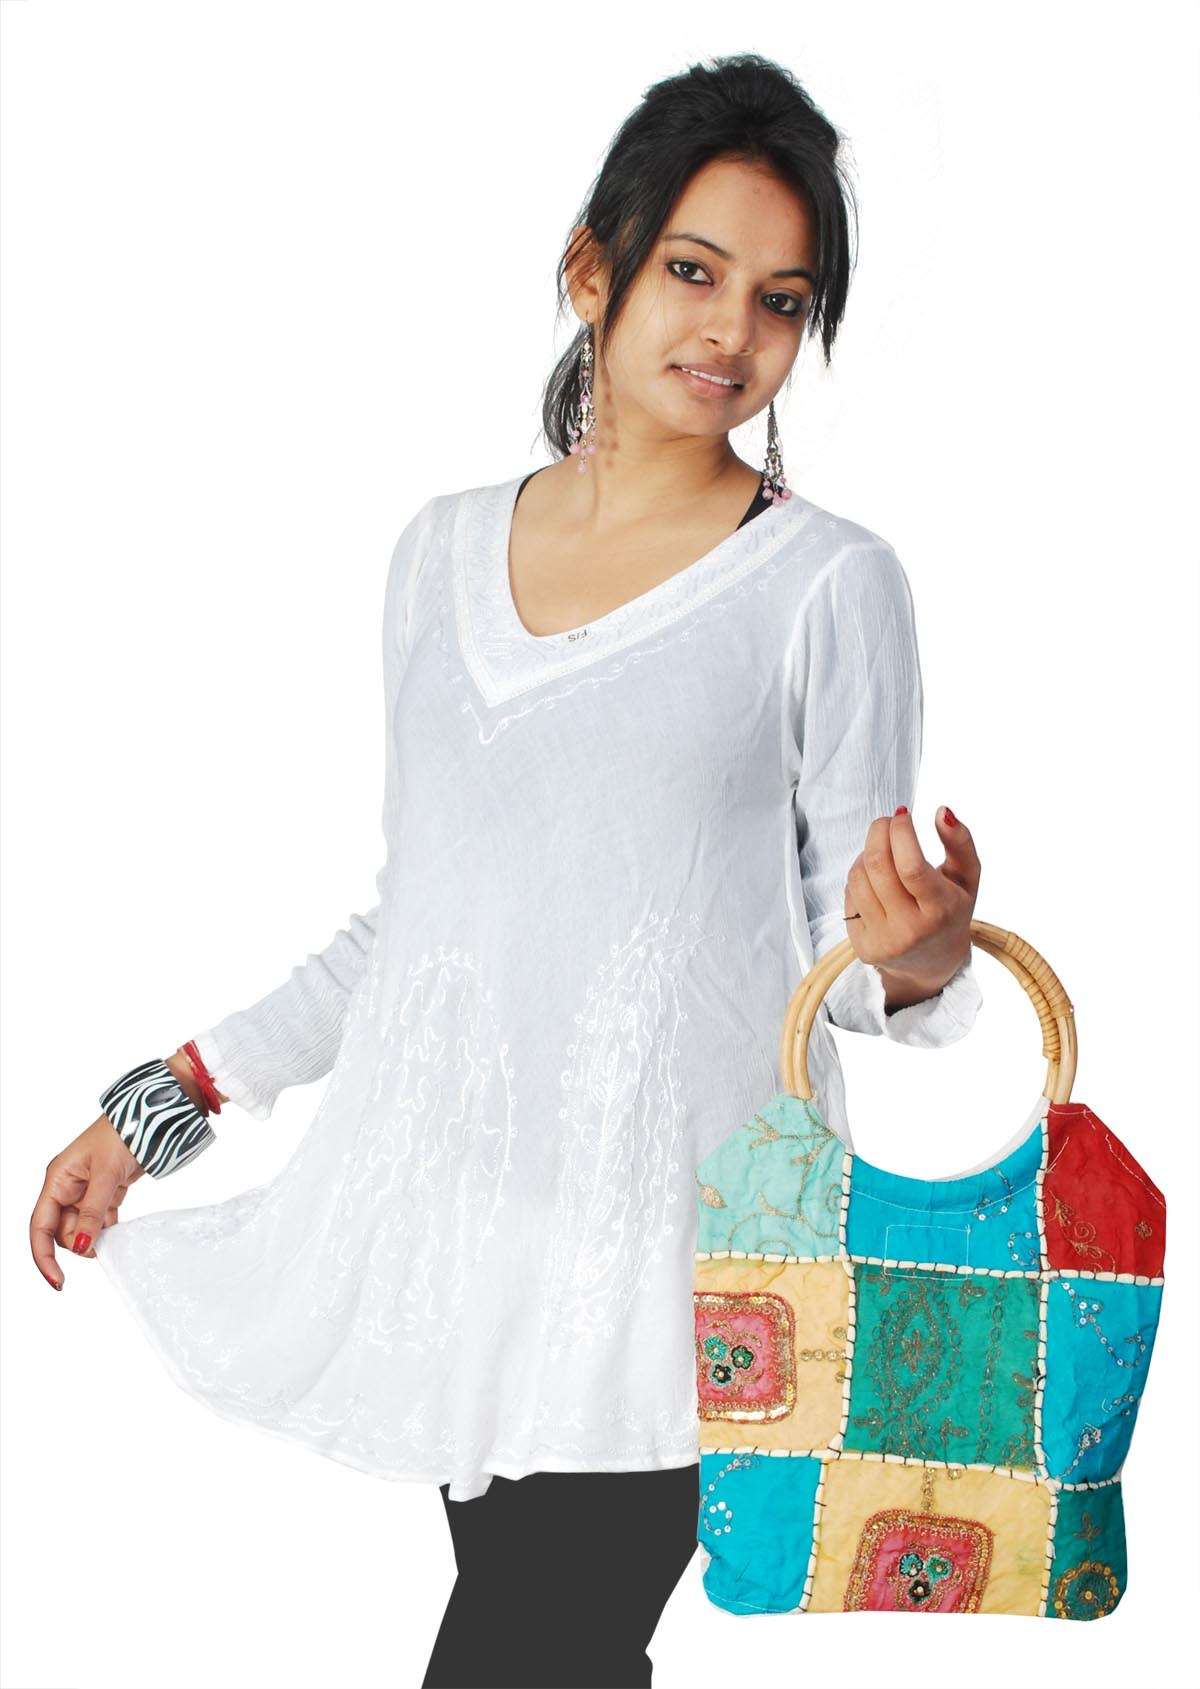 designer cotton tops for girls